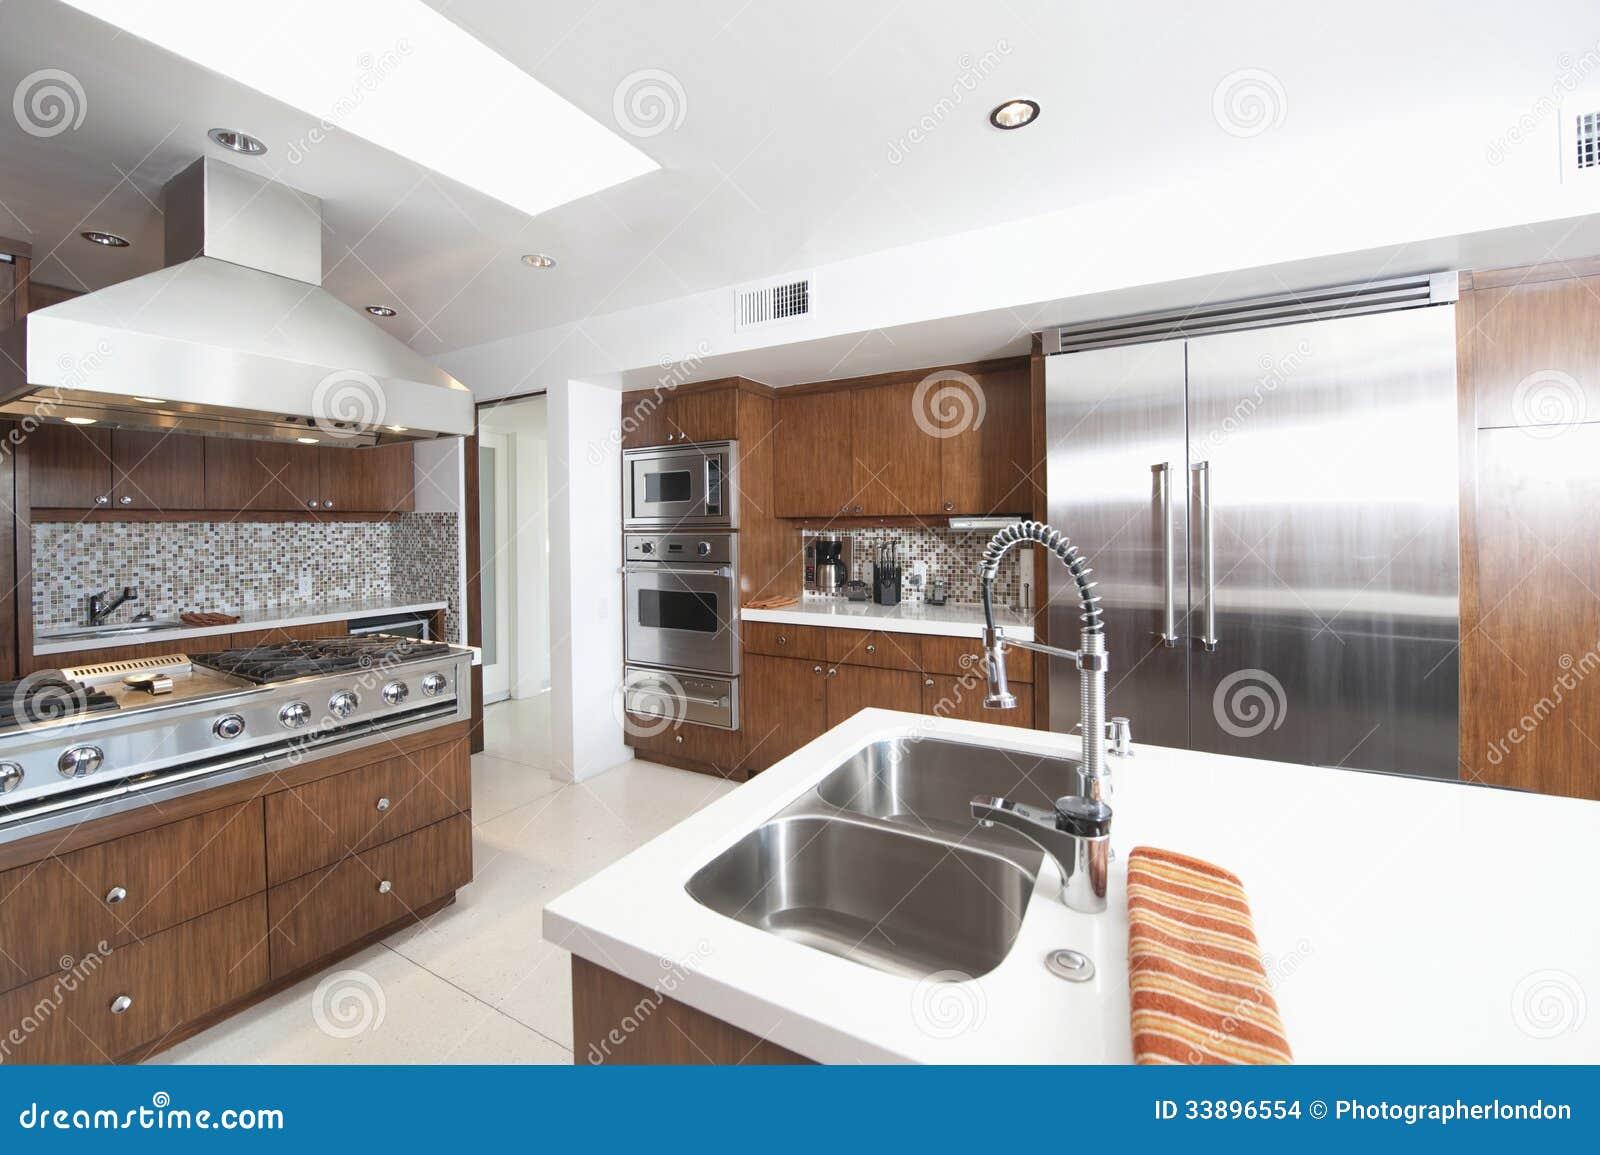 Holz-und Edelstahl-Küche stockfoto. Bild von insel, wohnsitz - 33896554